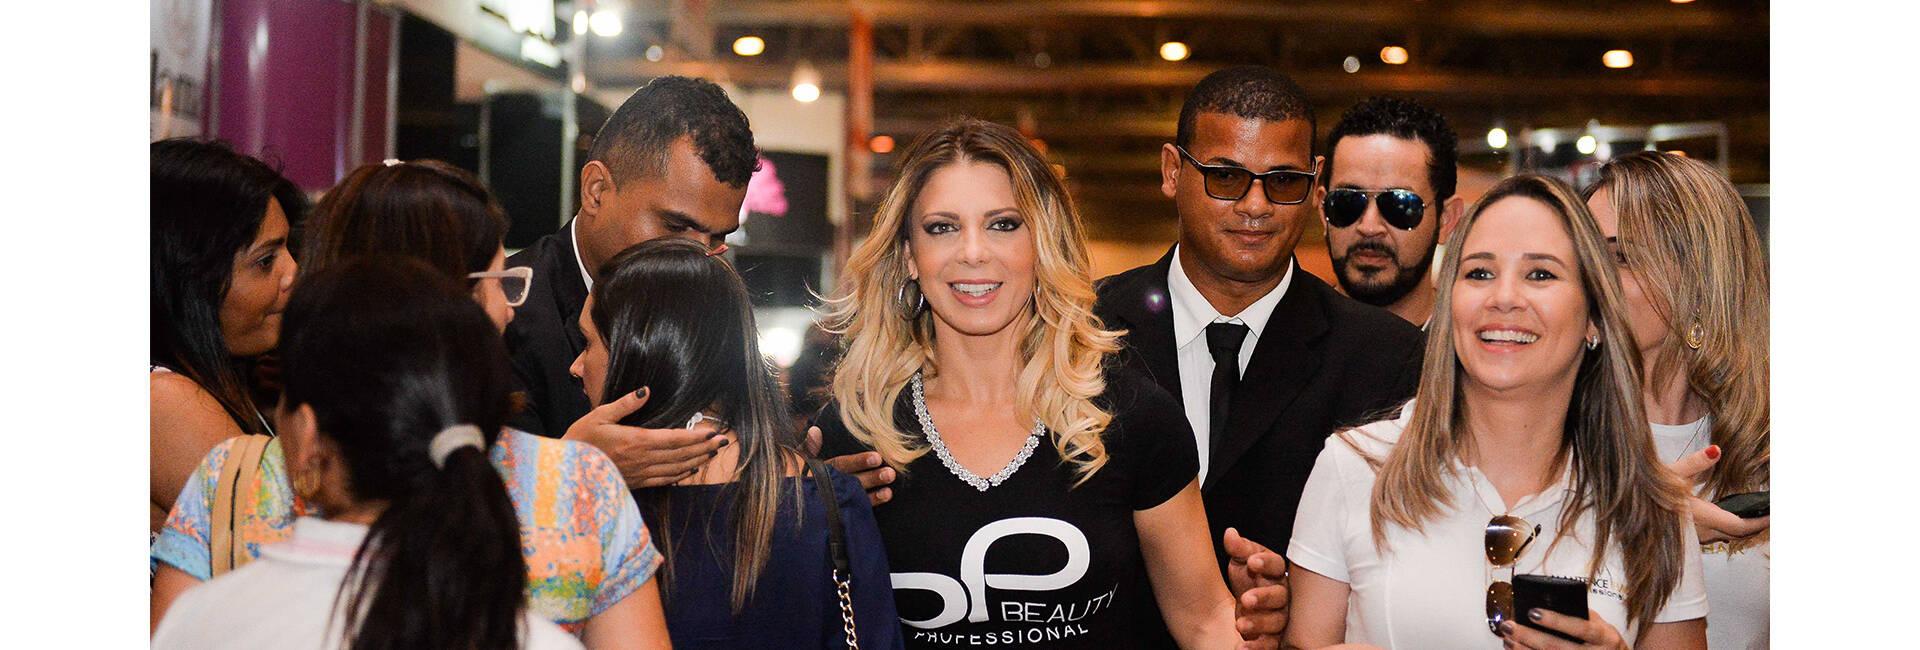 Sheila Mello de Feira de Beleza - Eventos corporativos